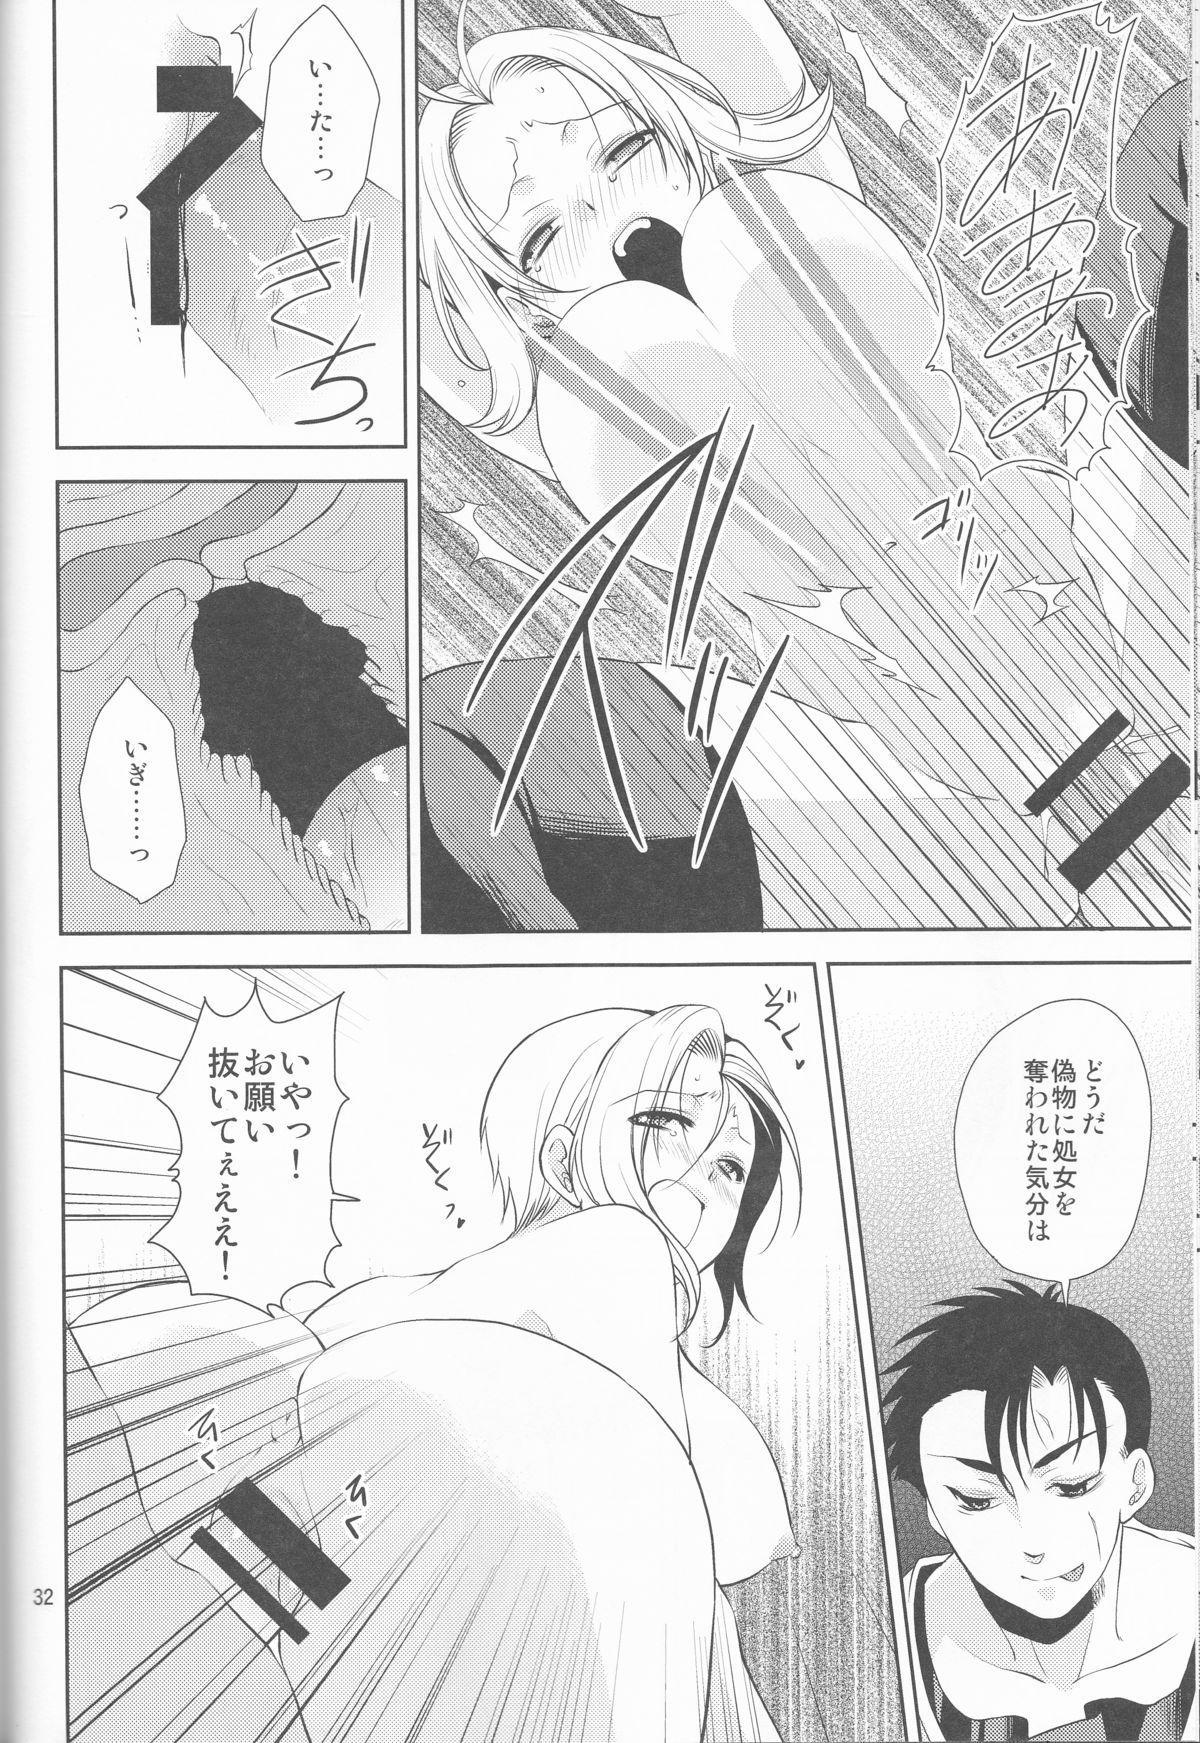 Soshite Boku wa Sono Suisen ni Miirareta. 31